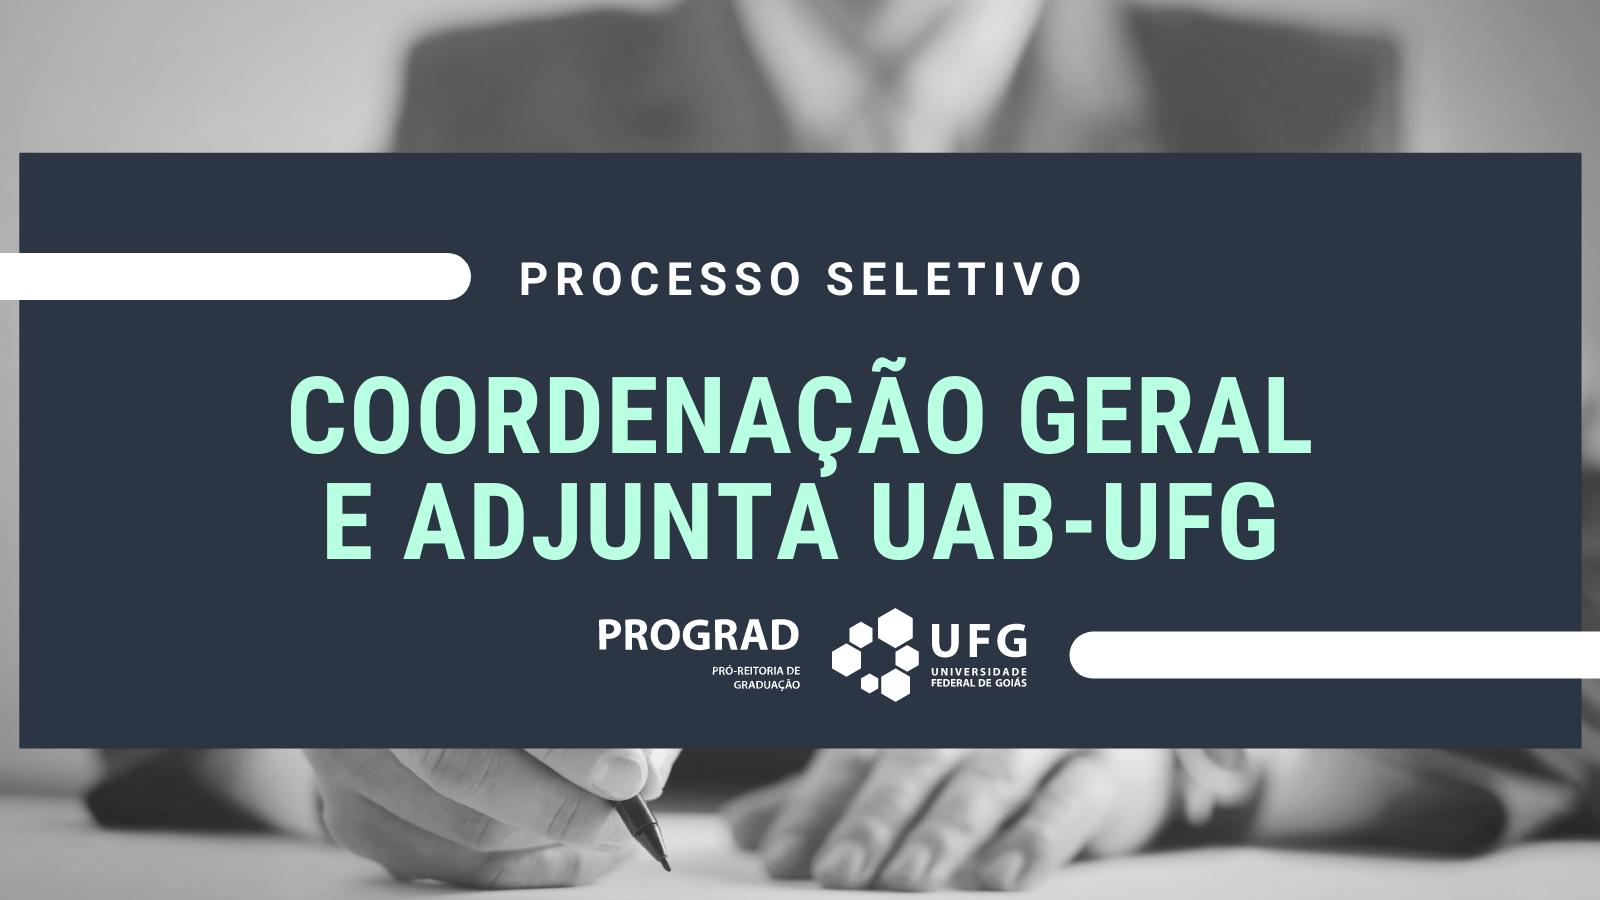 Texto na imagem: Processo Seletivo - Coordenação Geral e Adjunta UAB-UFG - PROGRAD UFG